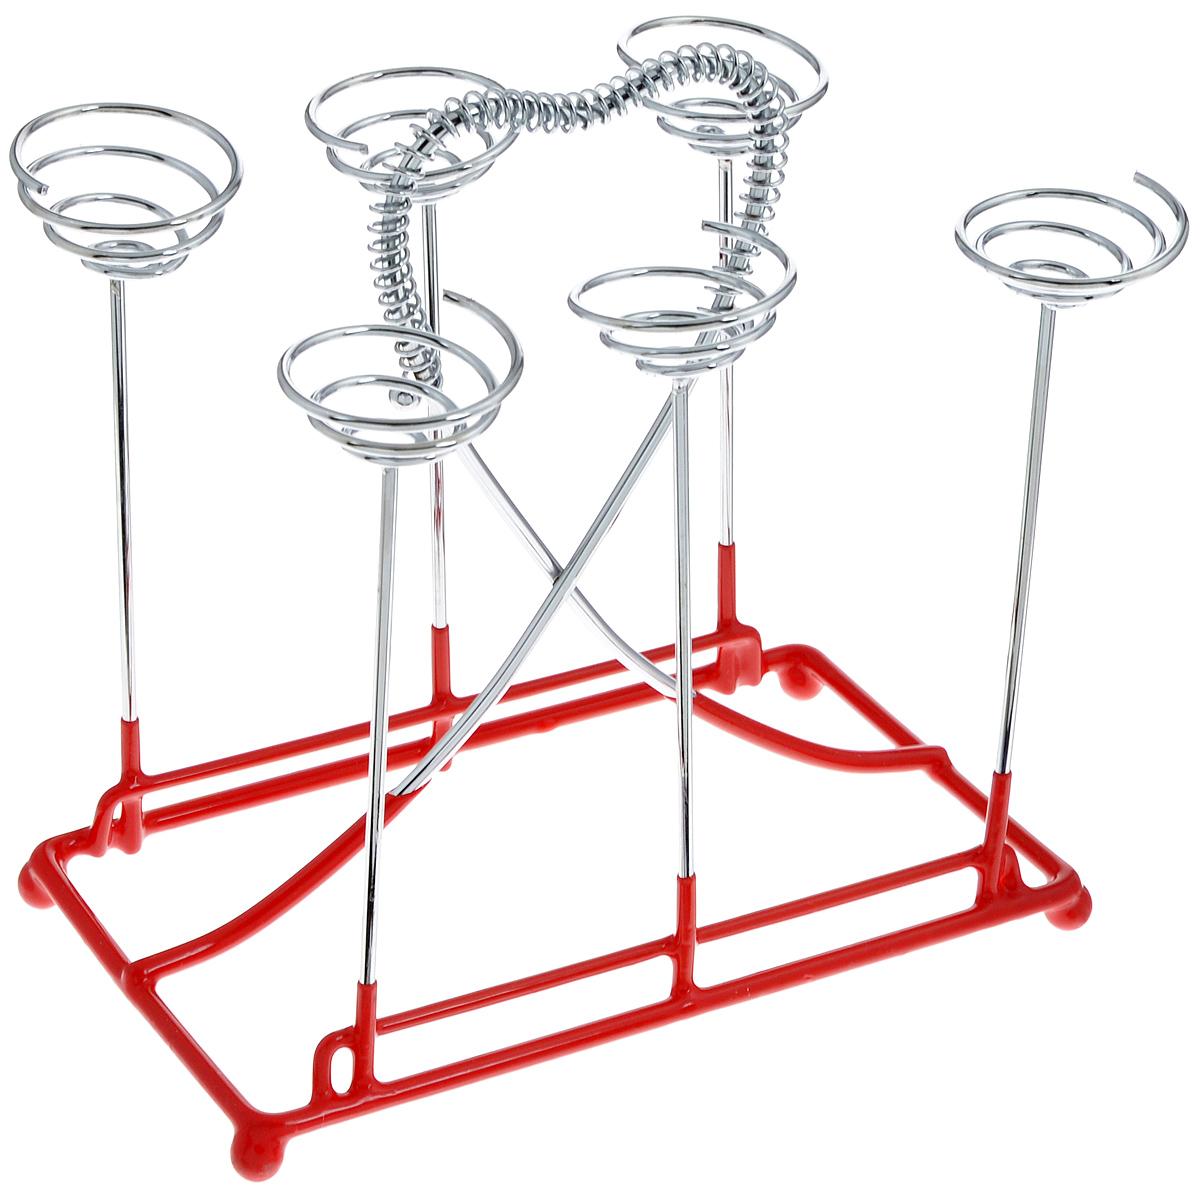 Подставка-стойка для чашек Mayer & Boch Сердце20073Подставка-стойка для чашек Mayer & Boch Сердце изготовлена из хромированного металла. Основание отделано противоскользящим покрытием. Подставка рассчитана на 6 чашек. Вы можете установить ее в любом удобном месте, такая подставка-стойка позволит аккуратно хранить посуду, станет полезным аксессуаром в быту и идеально впишется в интерьер современной кухни. Размер подставки: 18 х 12,5 х 18 см.